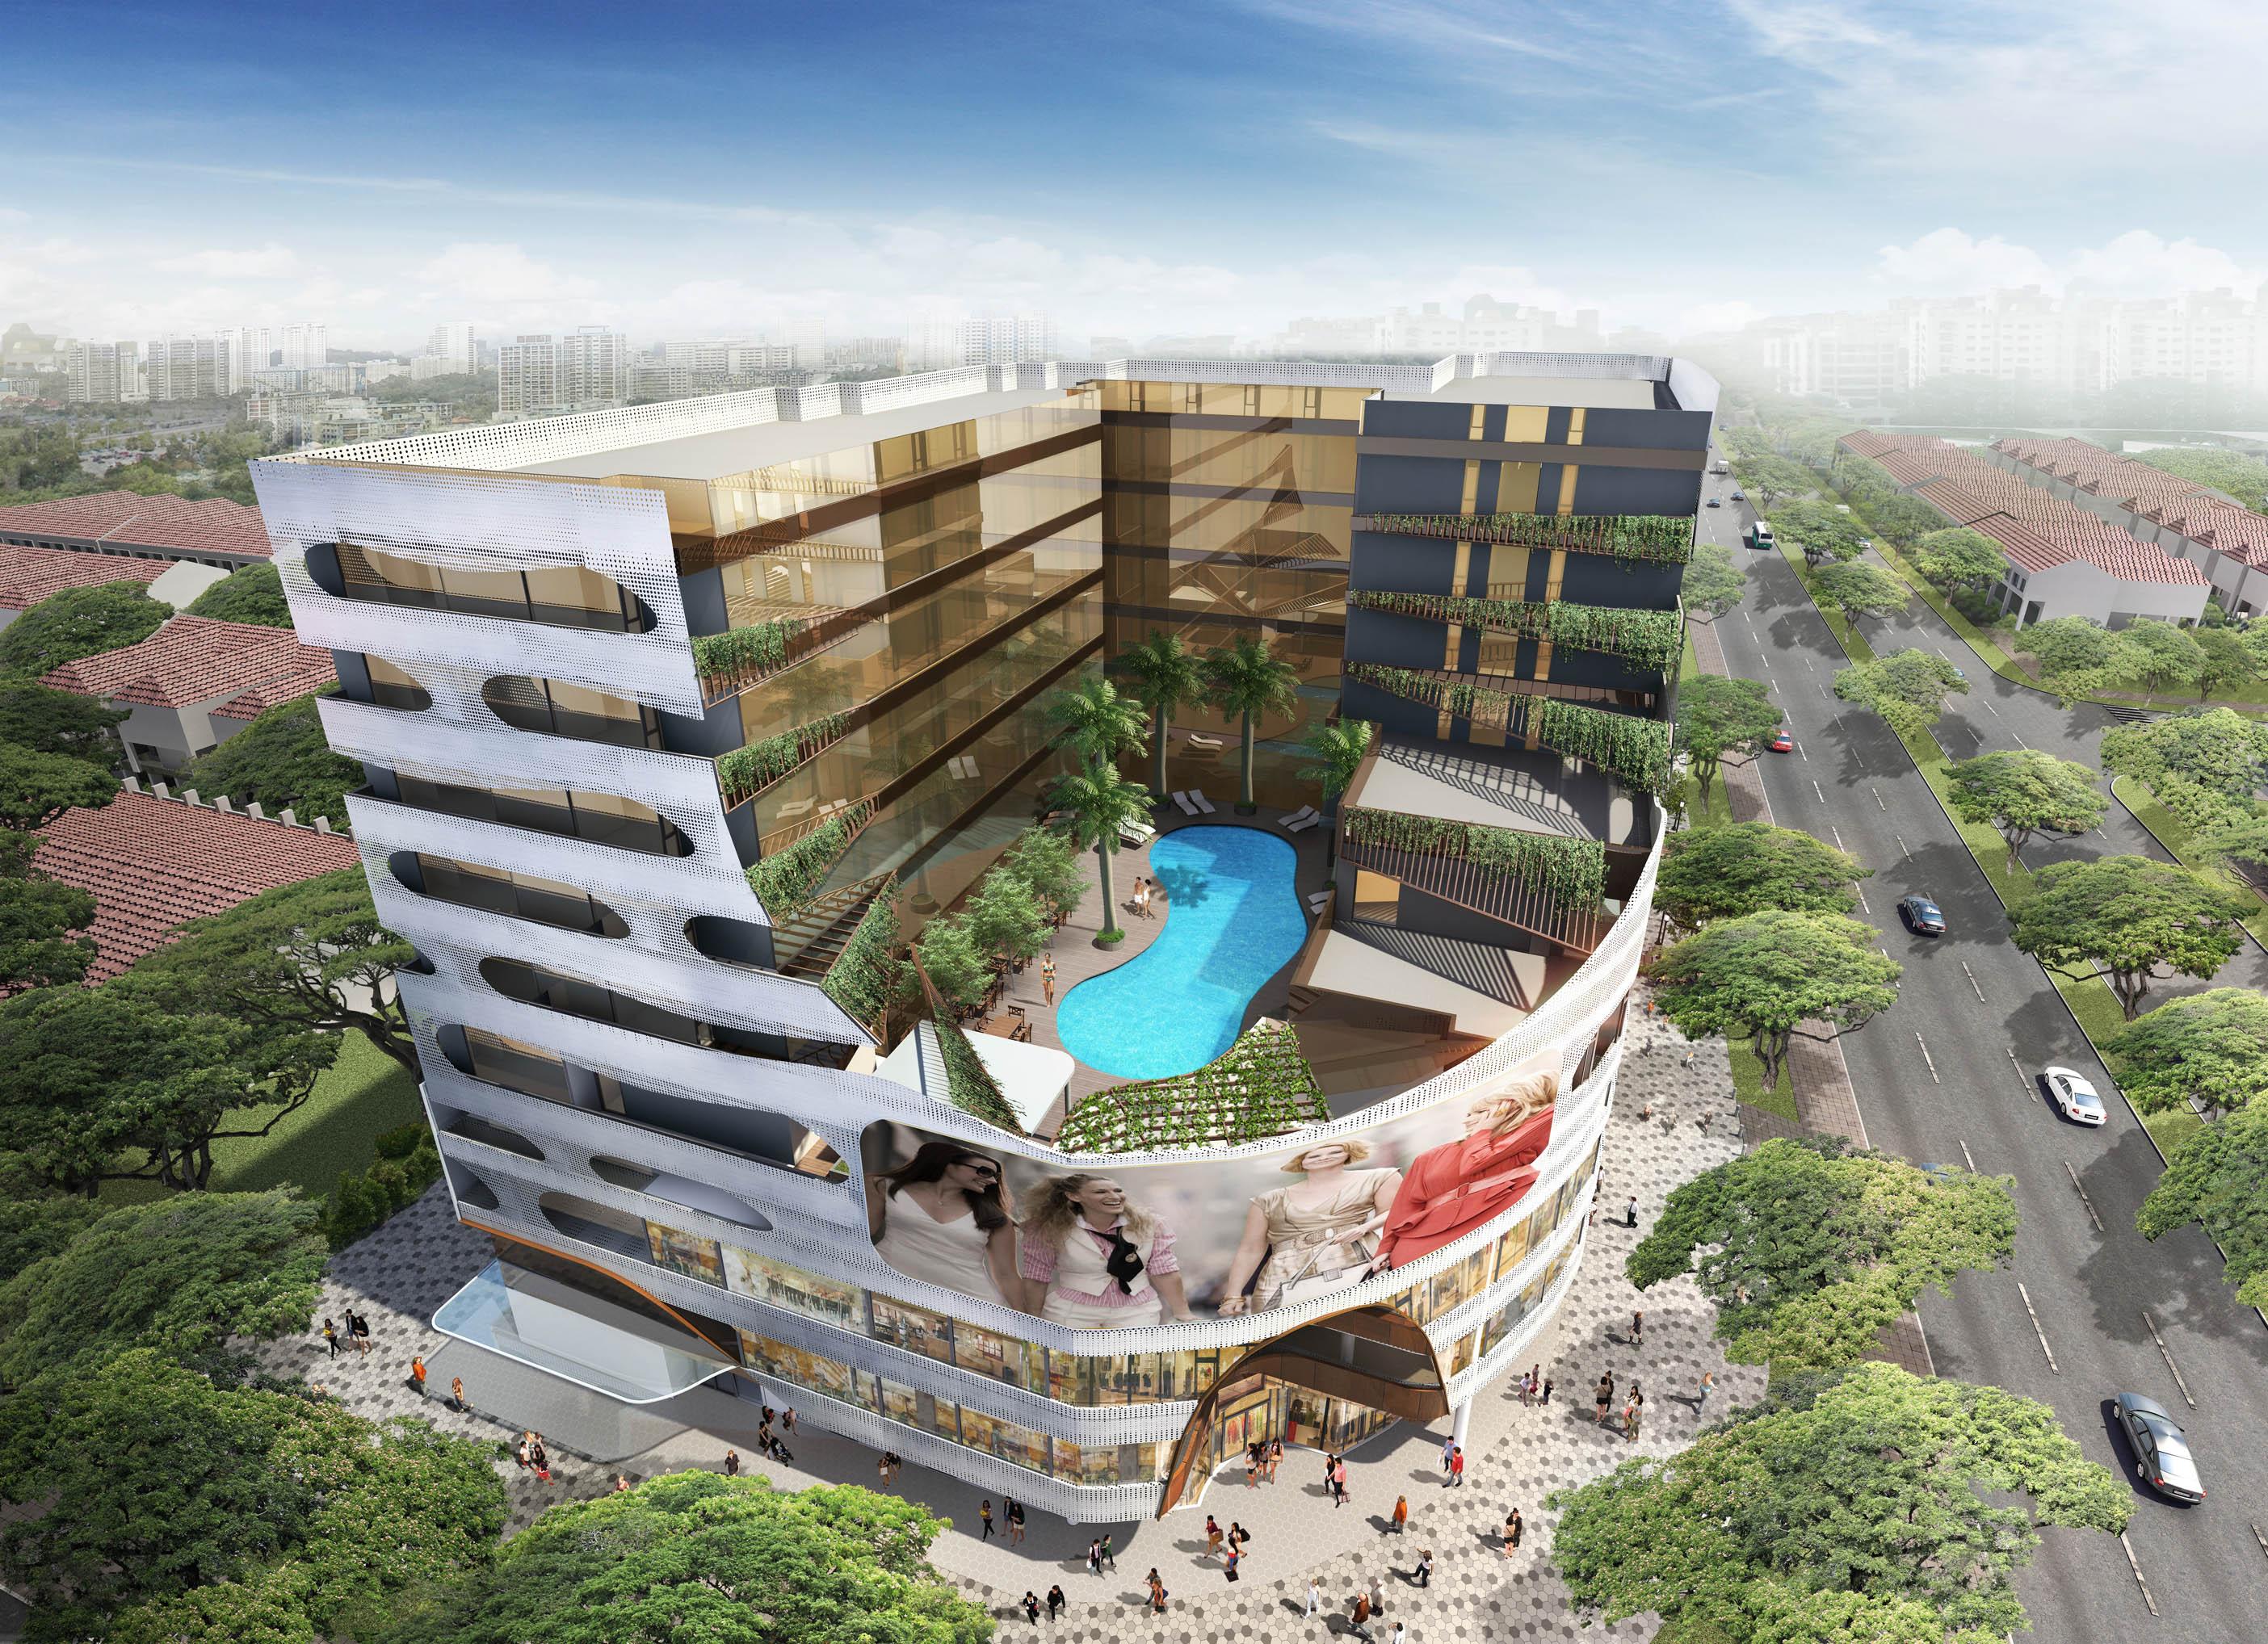 Macpherson Mall-Singapore